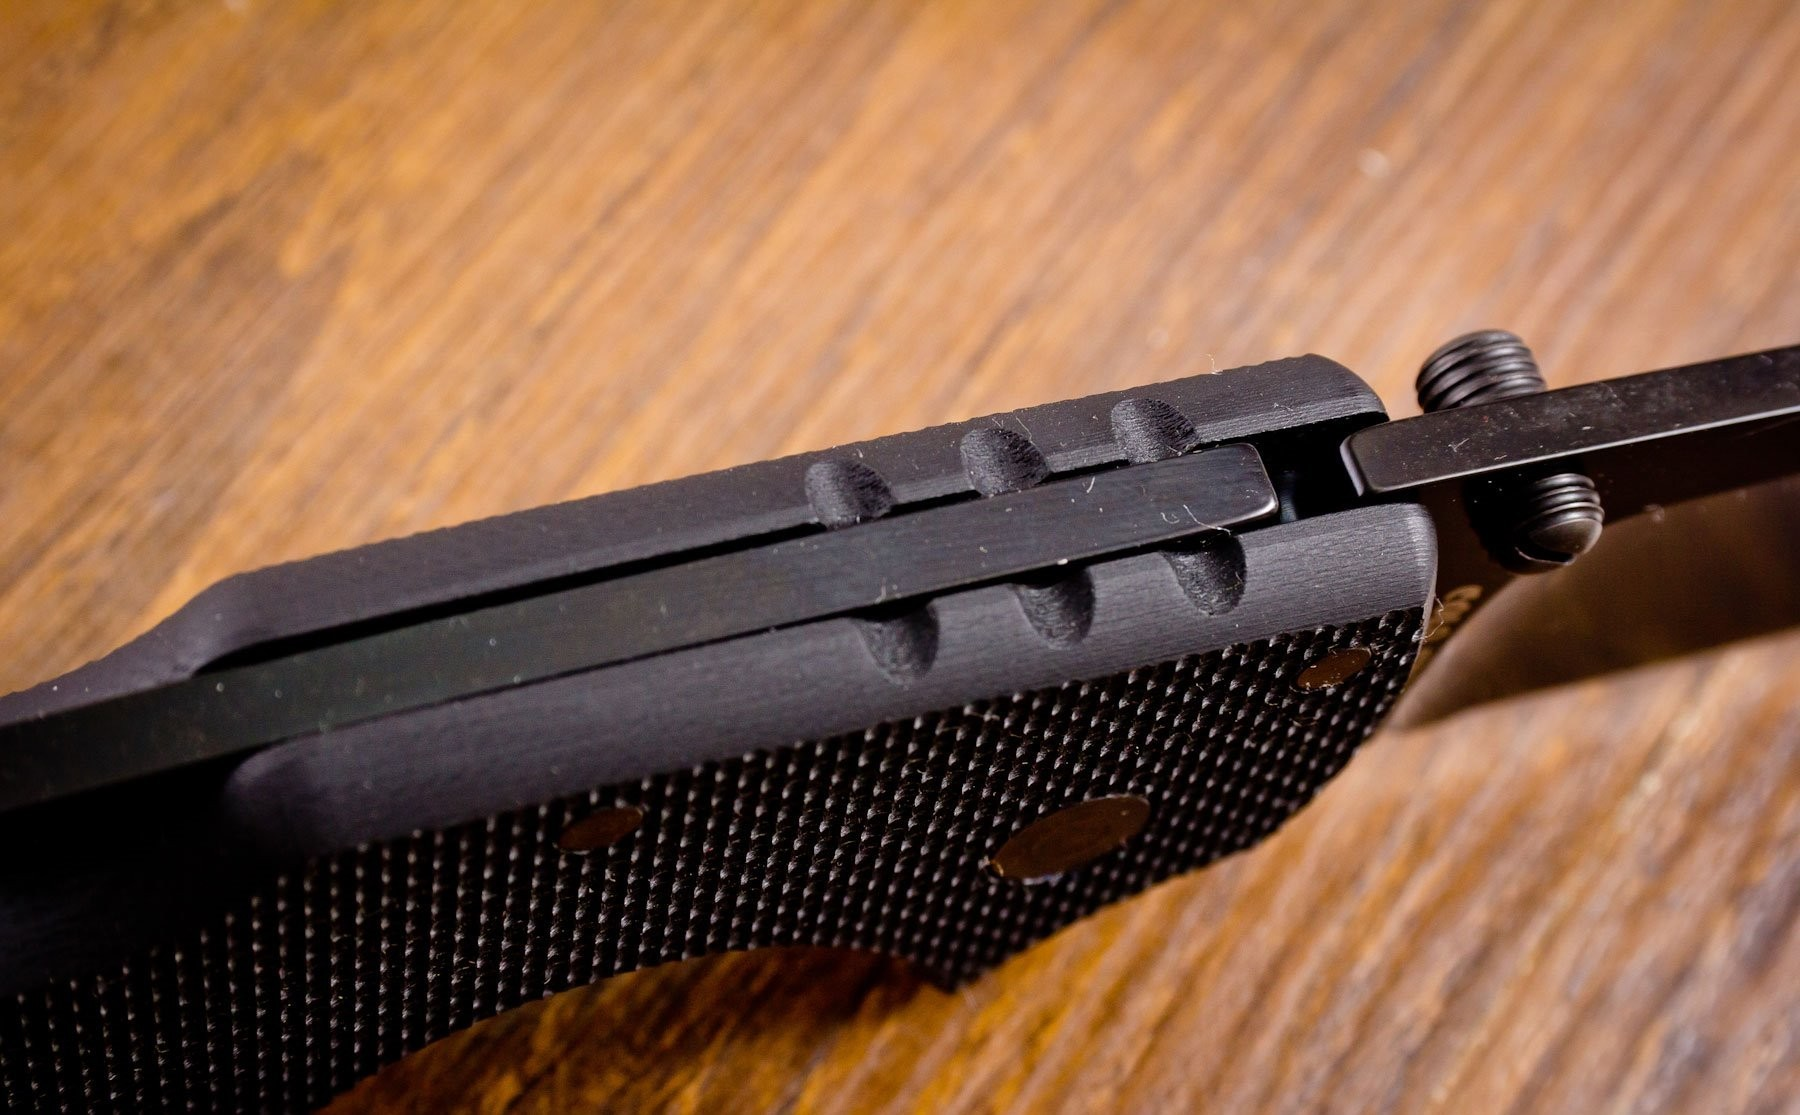 Фото 9 - Складной нож American Lawman - Cold Steel 58ACL, сталь Carpenter CTS® XHP Alloy с DLC покрытием, рукоять G-10 черный